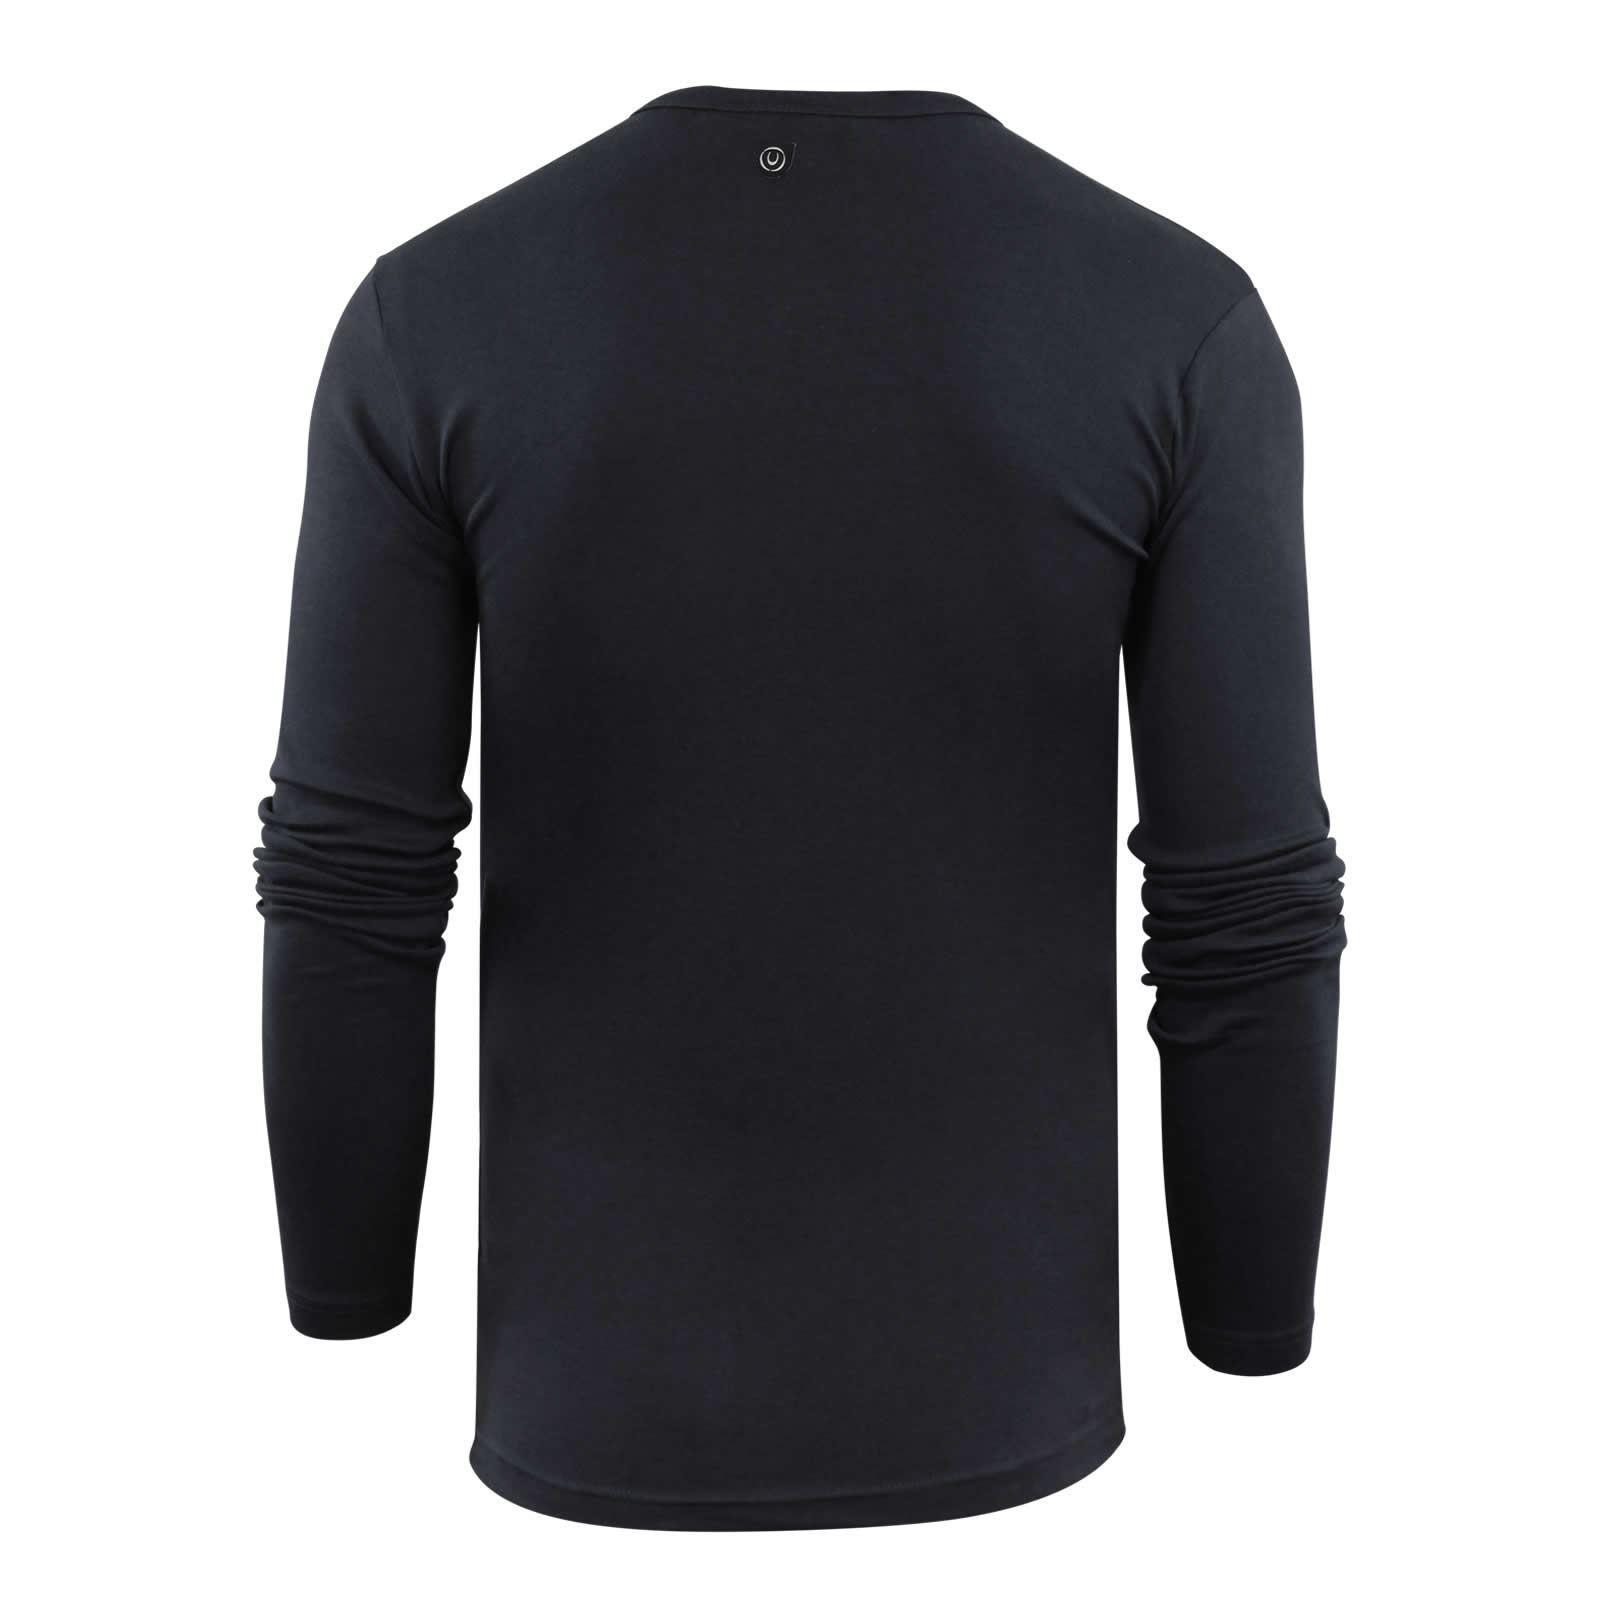 Duck-amp-Cover-STOCK-Homme-T-shirt-coton-confort-stretch-a-encolure-ras-du-cou-T-shirt-manches miniature 5